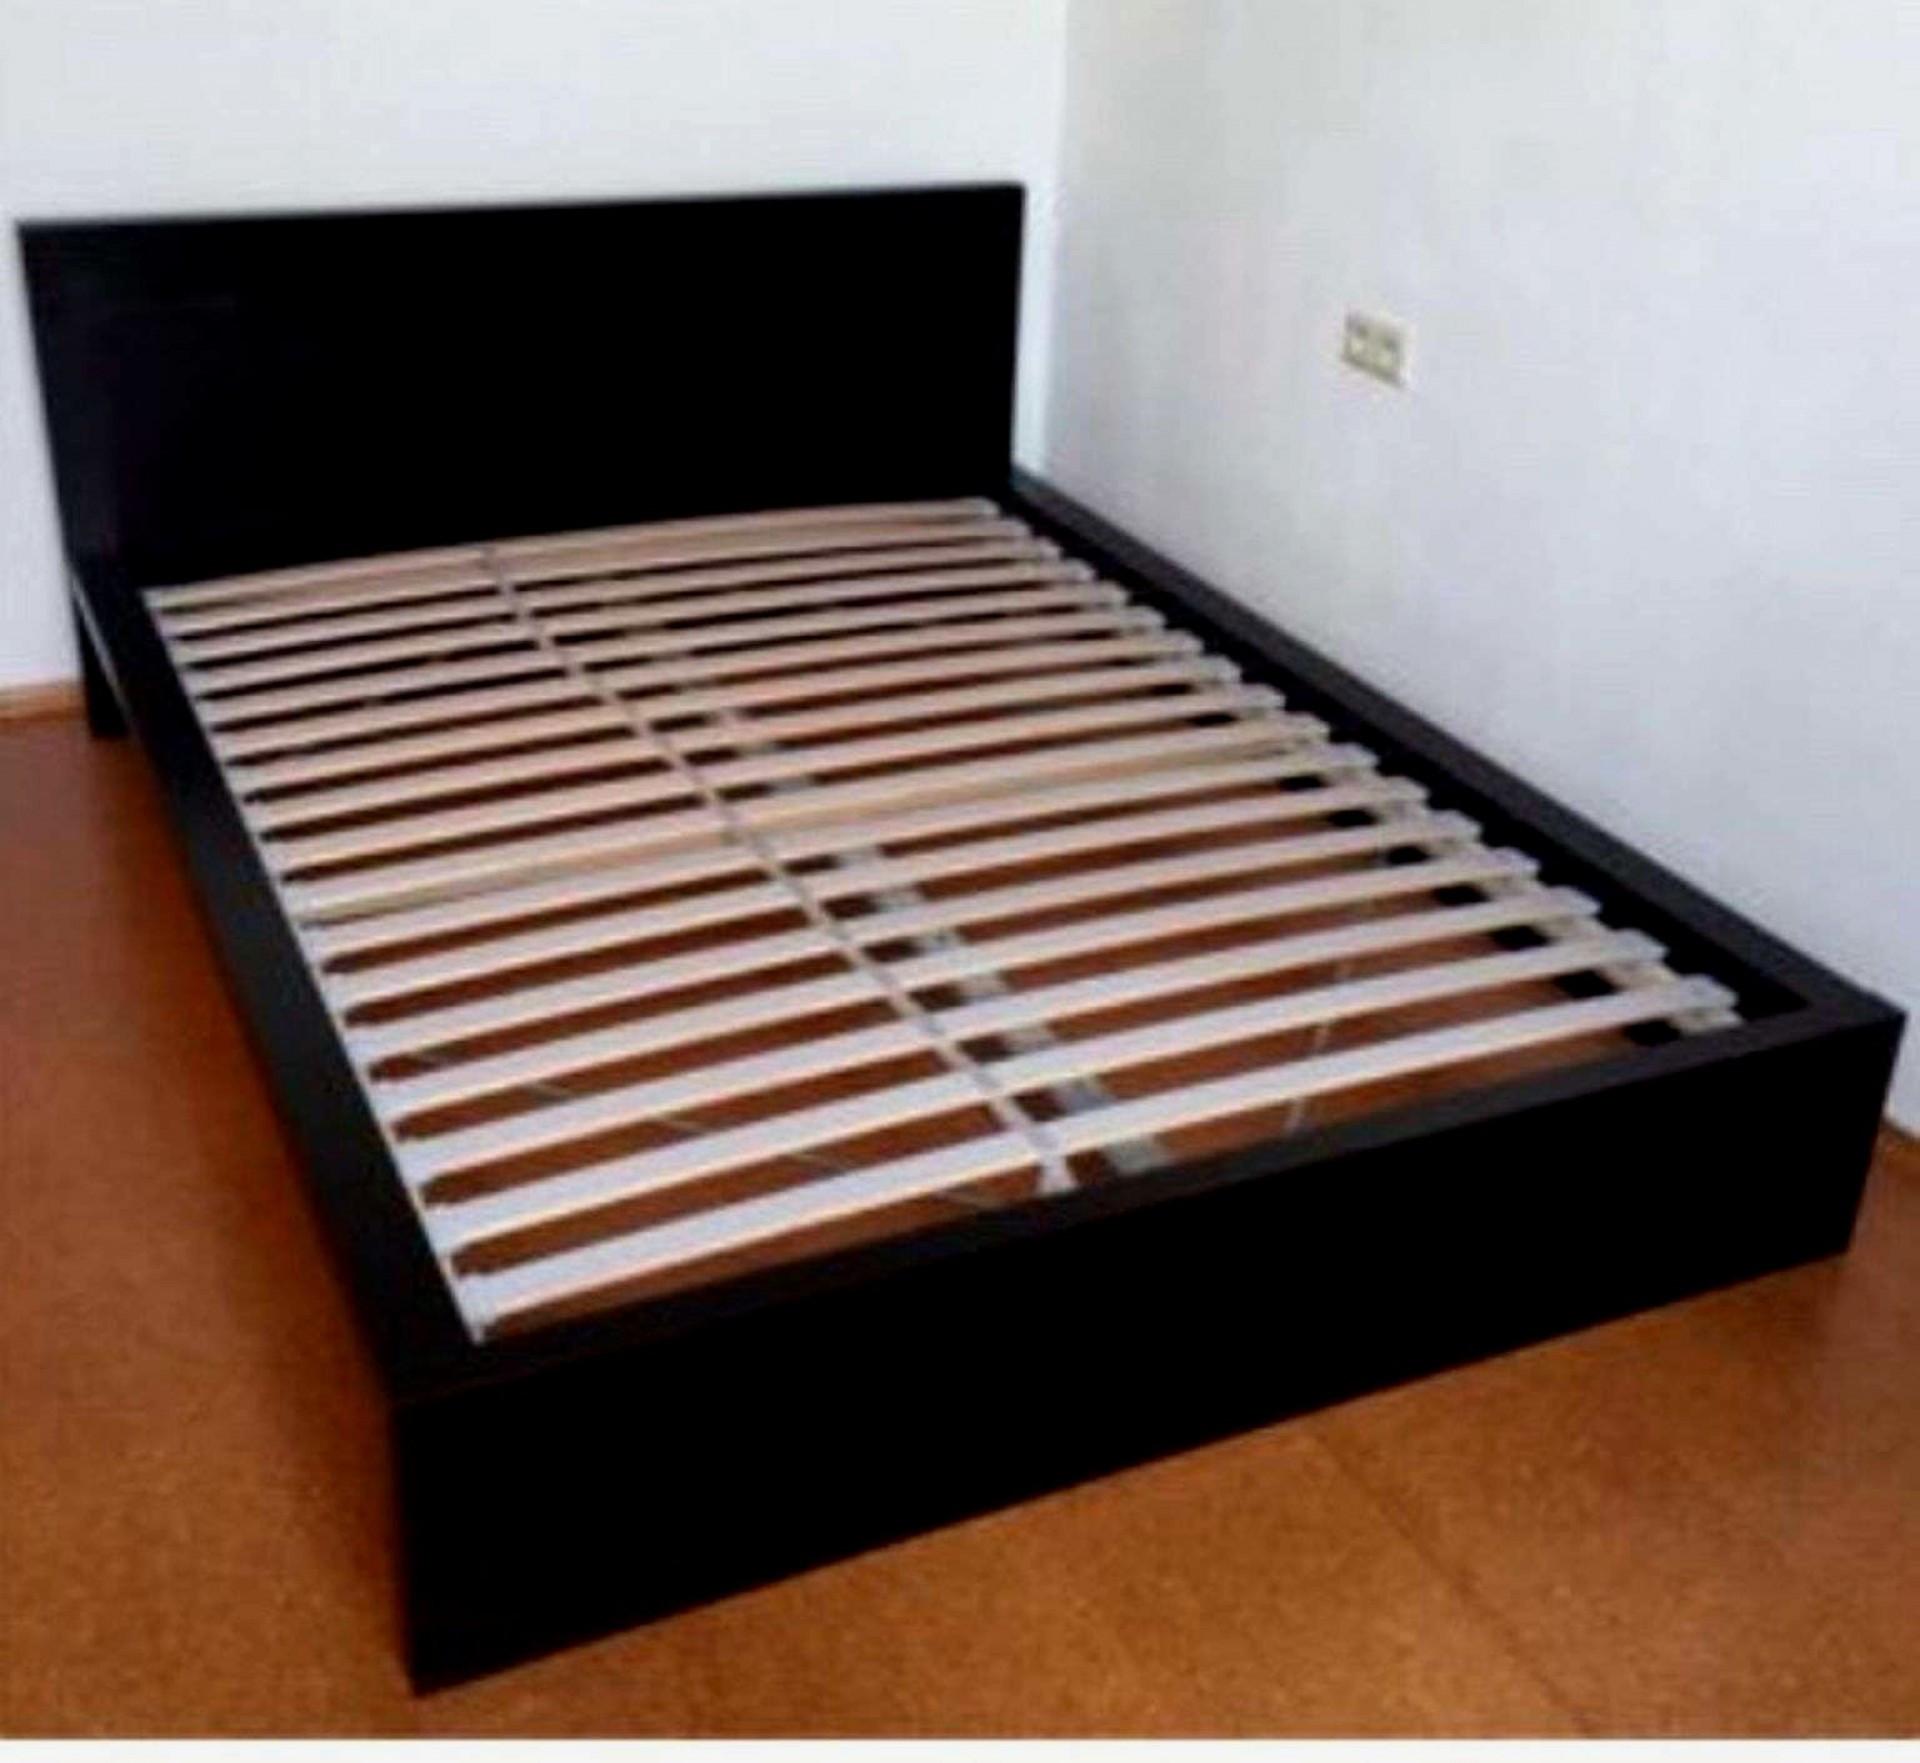 Full Size of Palettenbett Ikea 140x200 Küche Kosten Betten 160x200 Modulküche Miniküche Bei Sofa Mit Schlaffunktion Kaufen Wohnzimmer Palettenbett Ikea